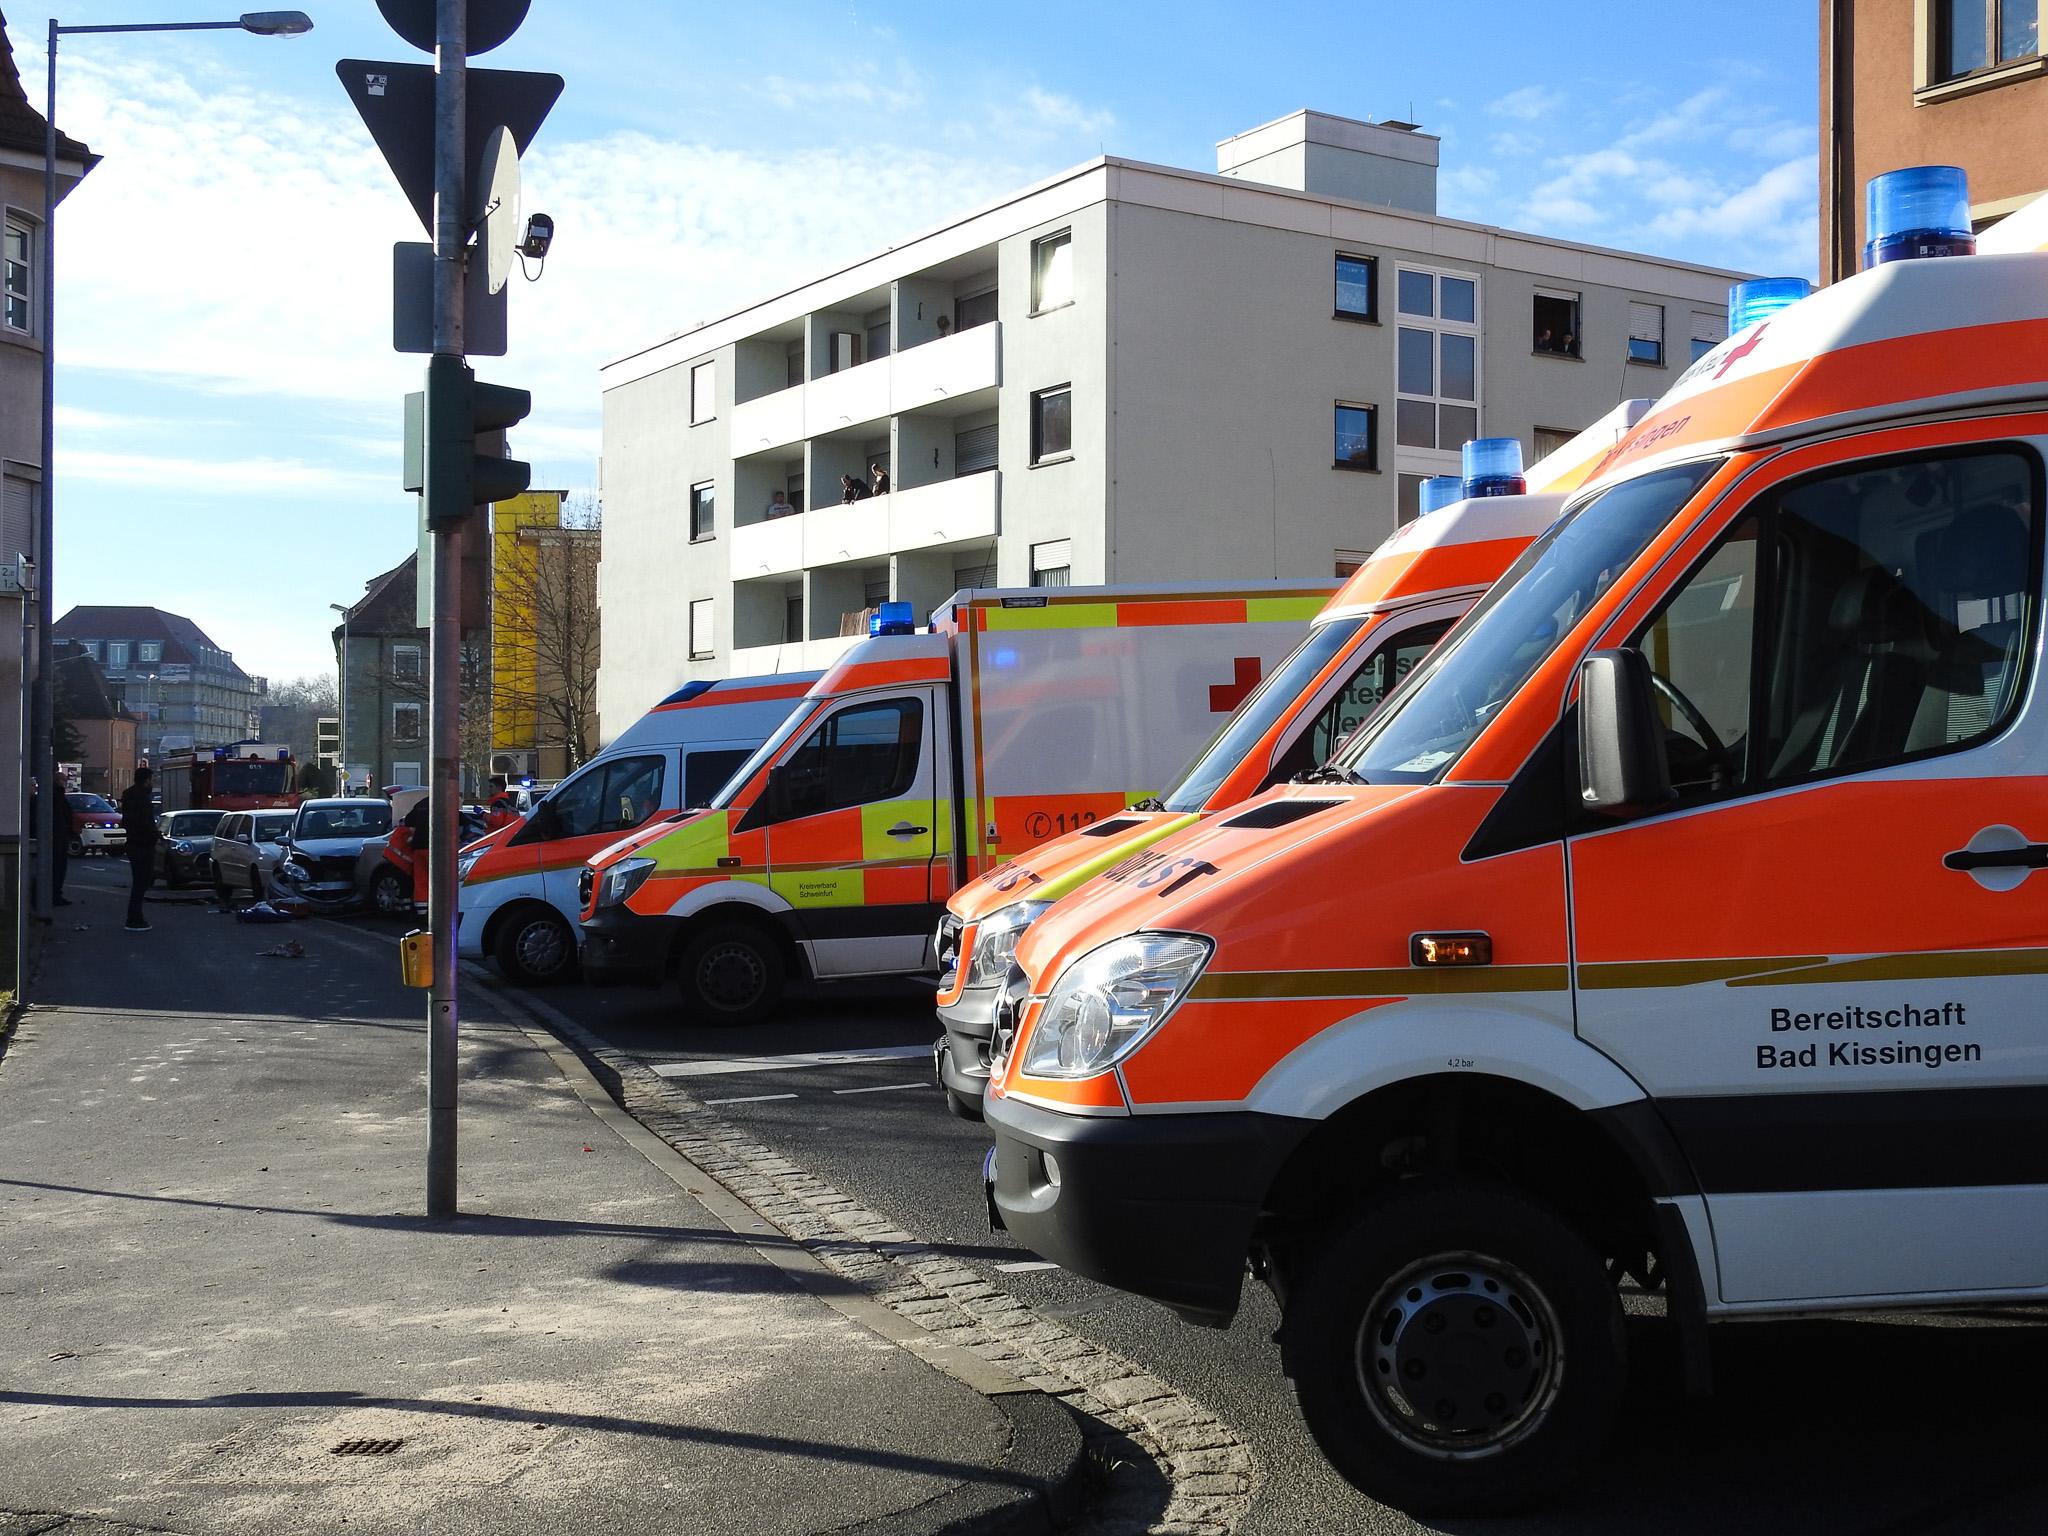 Der Rettungsdienst war mit rund 15 Einsatzkräften am Unfallort anwesend. Foto: Dirk Flieger